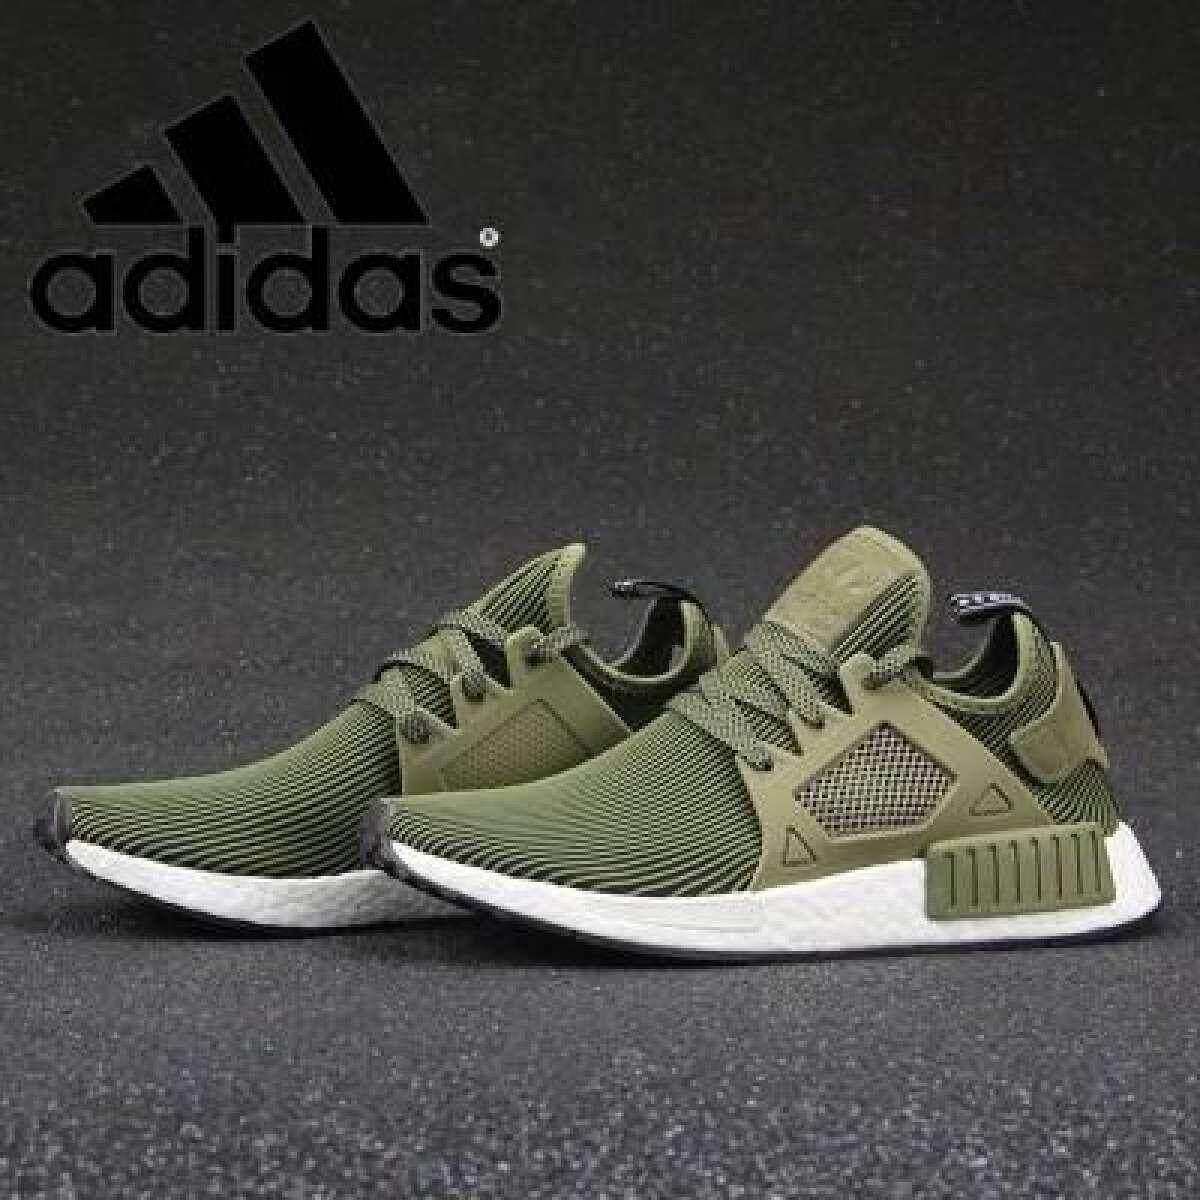 การใช้งาน  หนองคาย [คลังสินค้าพร้อม] รองเท้า Adidas Orignals NMD XR1  สีเขียวทหารวิ่งรองเท้า